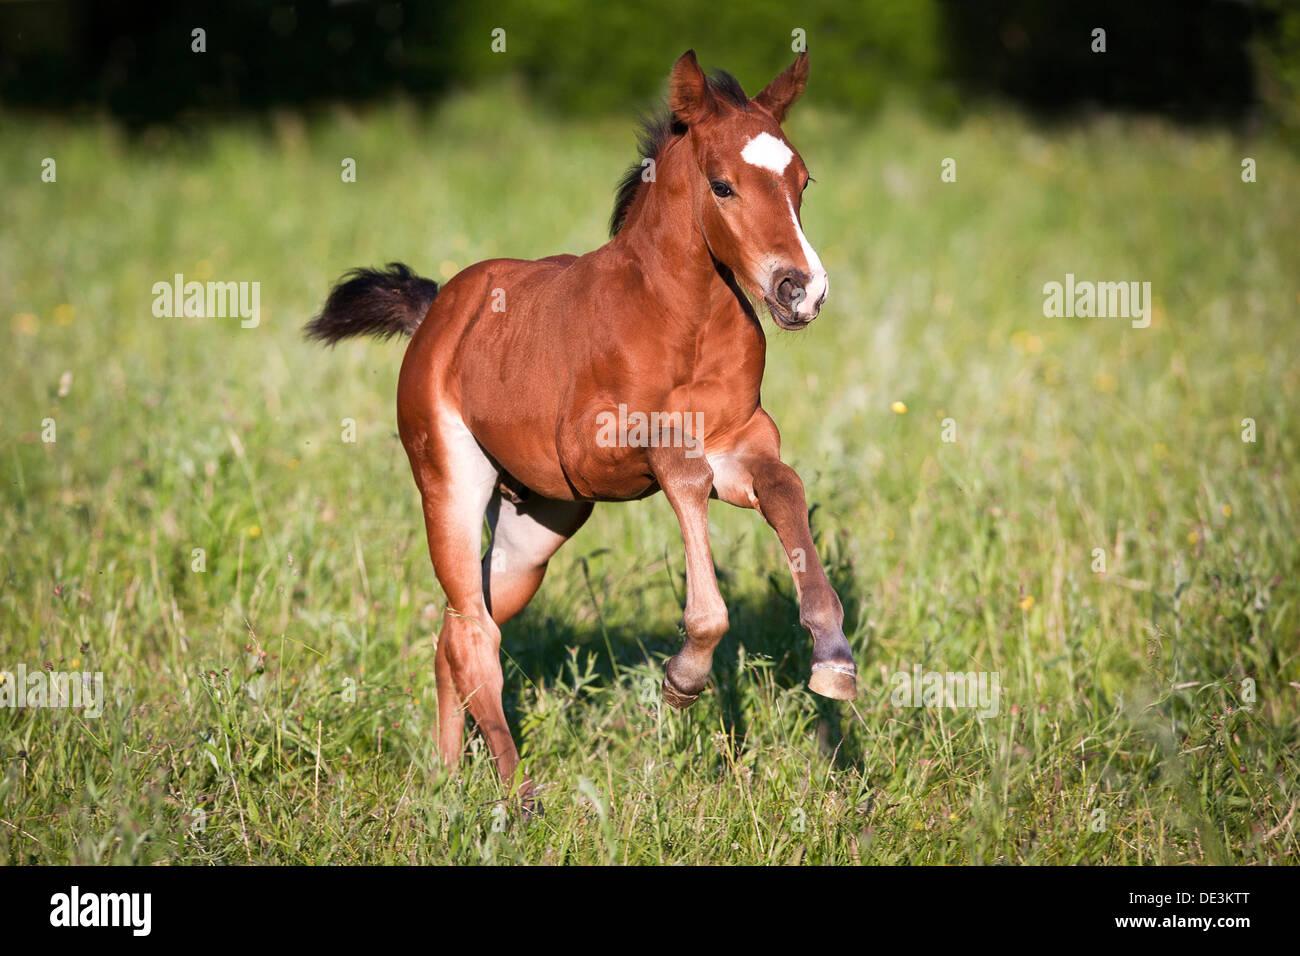 Bay Quarter Horse Foal